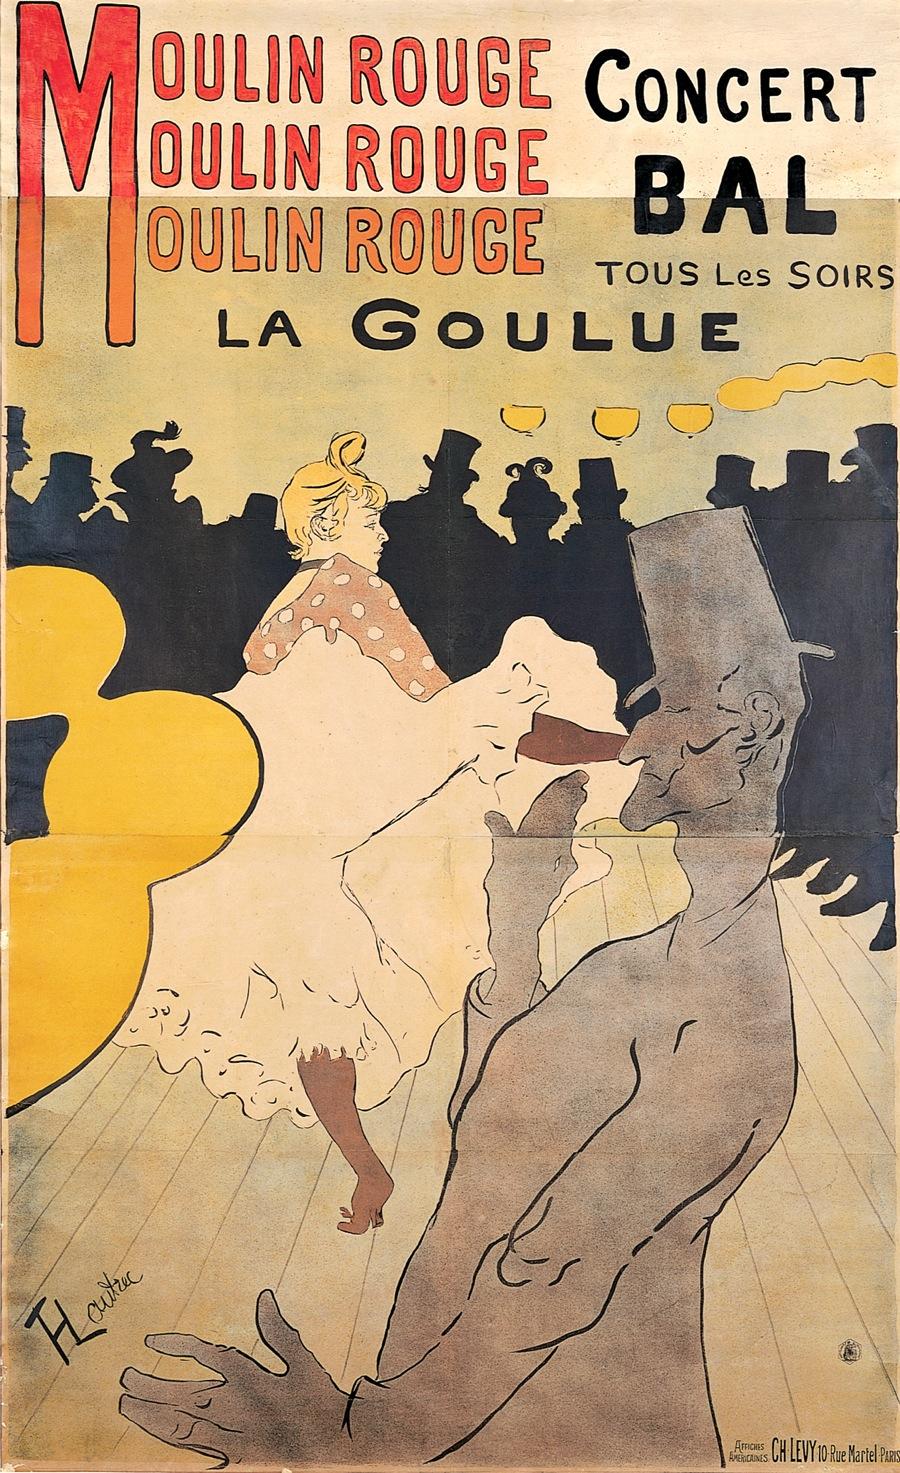 Art Nouveau Henri deToulouse-Lautrec, 1891